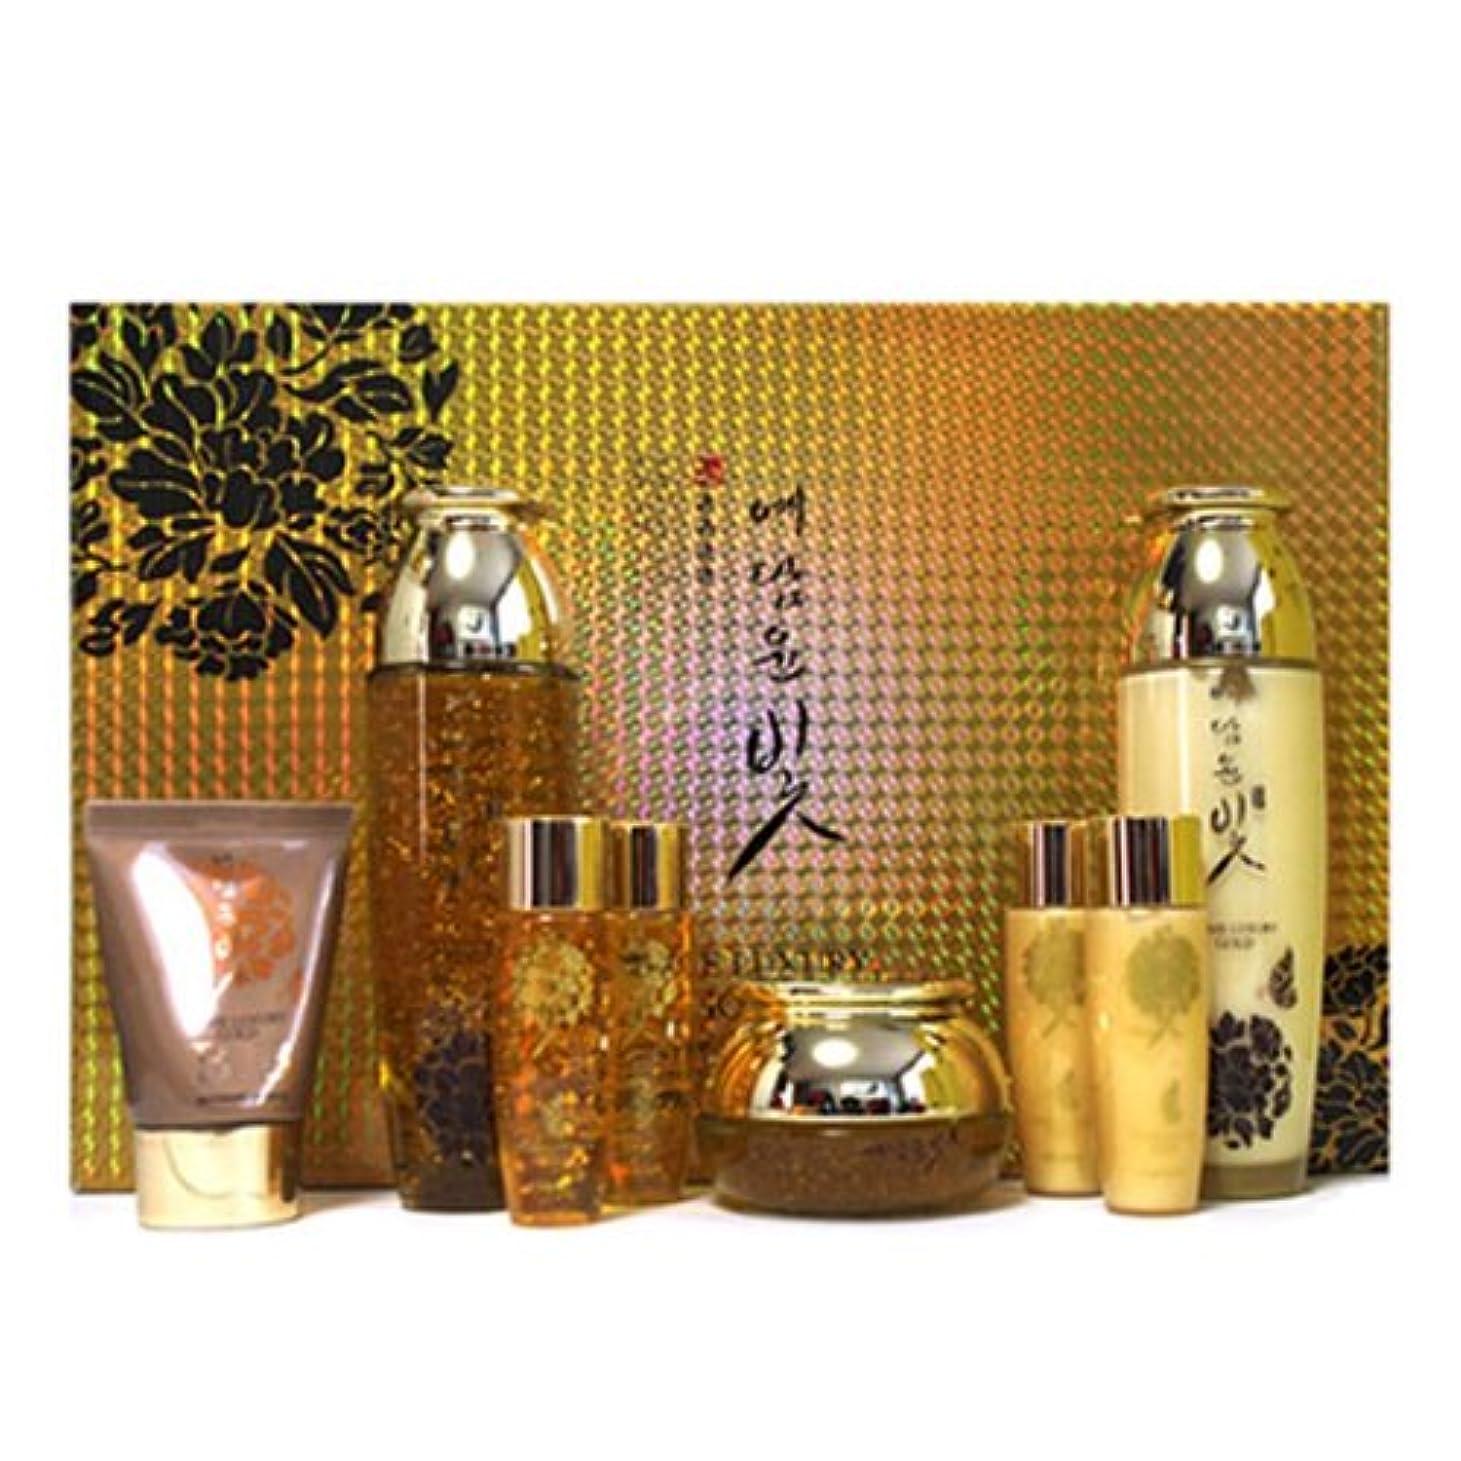 コメント彫る九時四十五分イェダムユンビト[韓国コスメYedam Yun Bit]Prime Luxury Gold Skin Care Set プライムラグジュアリーゴールドスキンケア4セット 樹液 乳液 クリーム/ BBクリーム [並行輸入品]